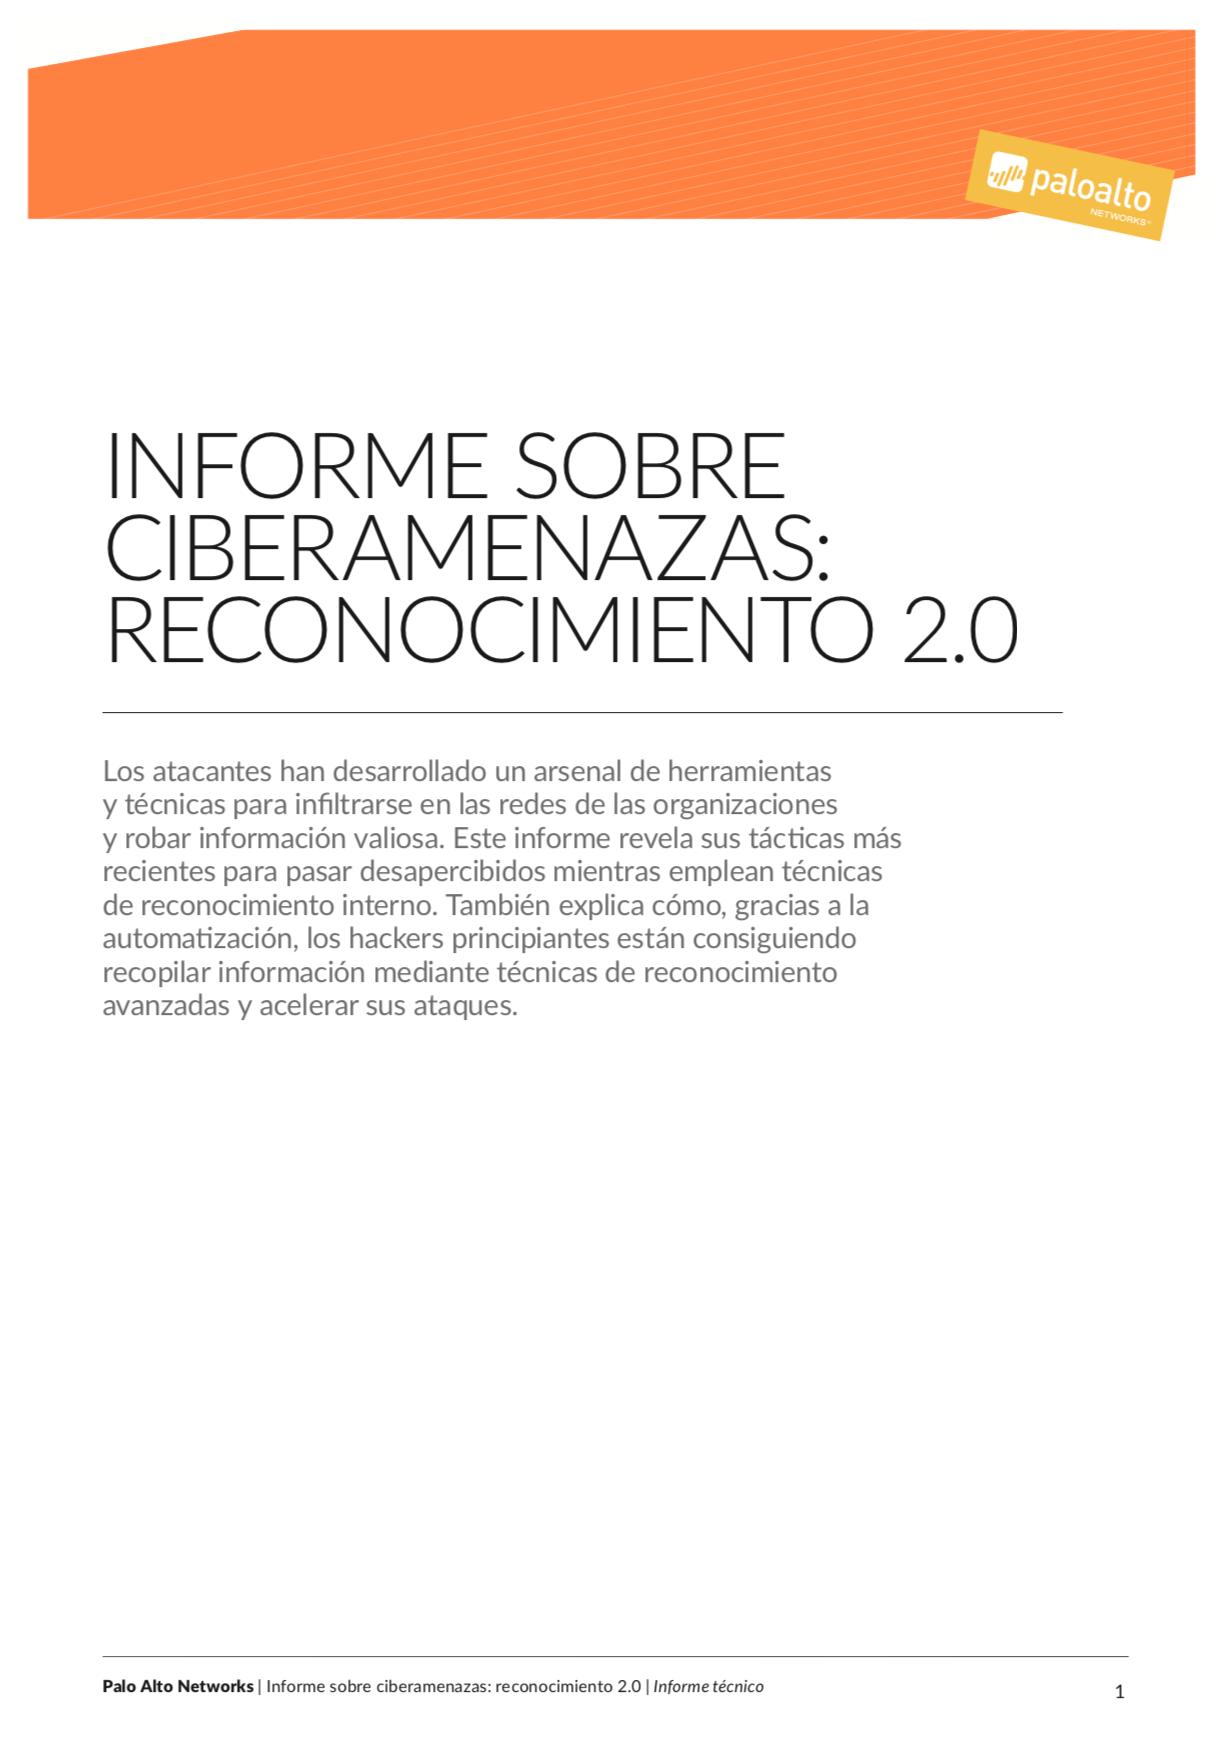 Informe sobre ciberamenazas: Reconocimiento 2.0